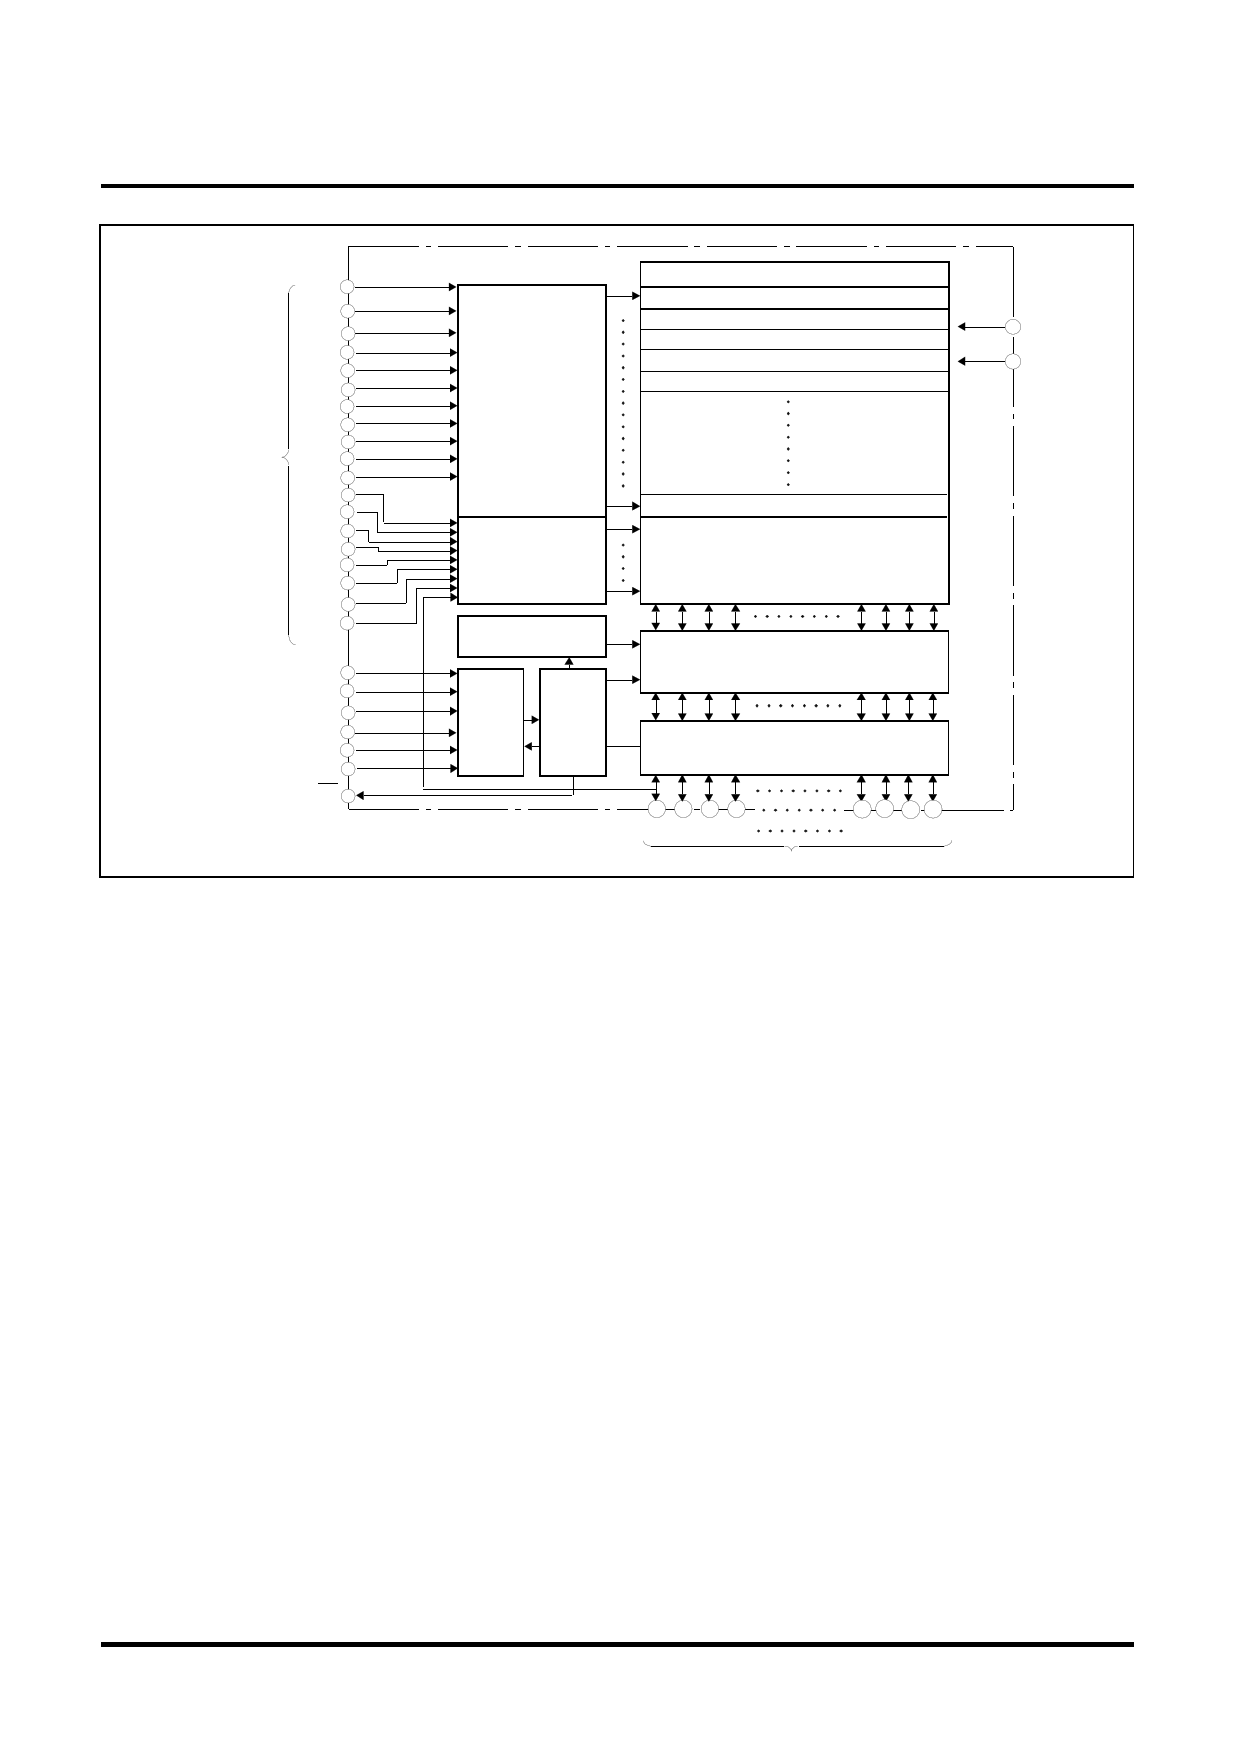 M5M29FT800VP-12 pdf, schematic